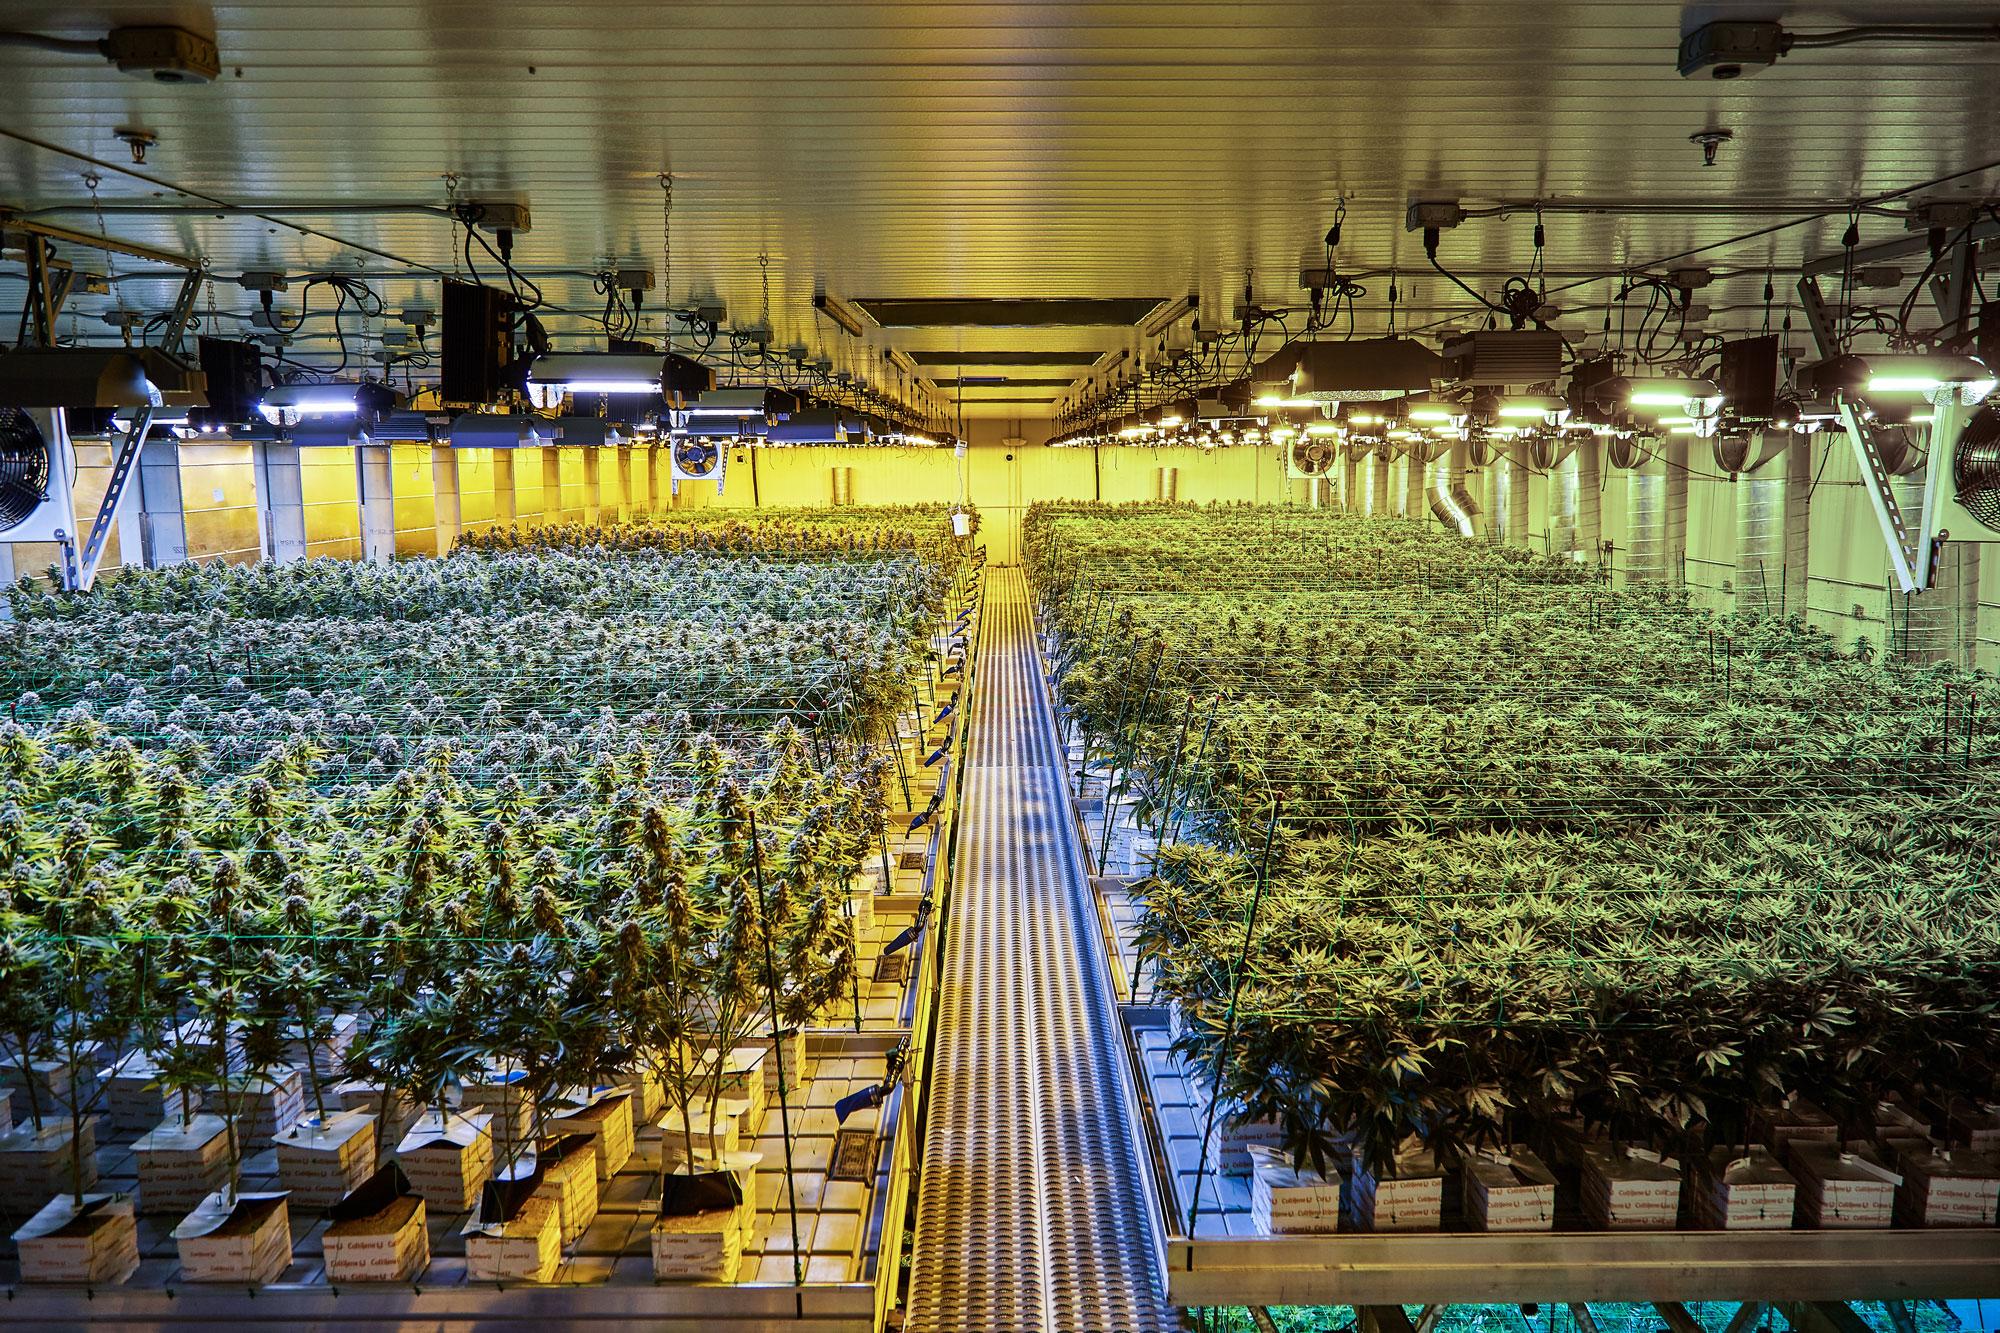 Cultivation_Harmony_Dispensary_Cannabis_Marijuana_02.jpg